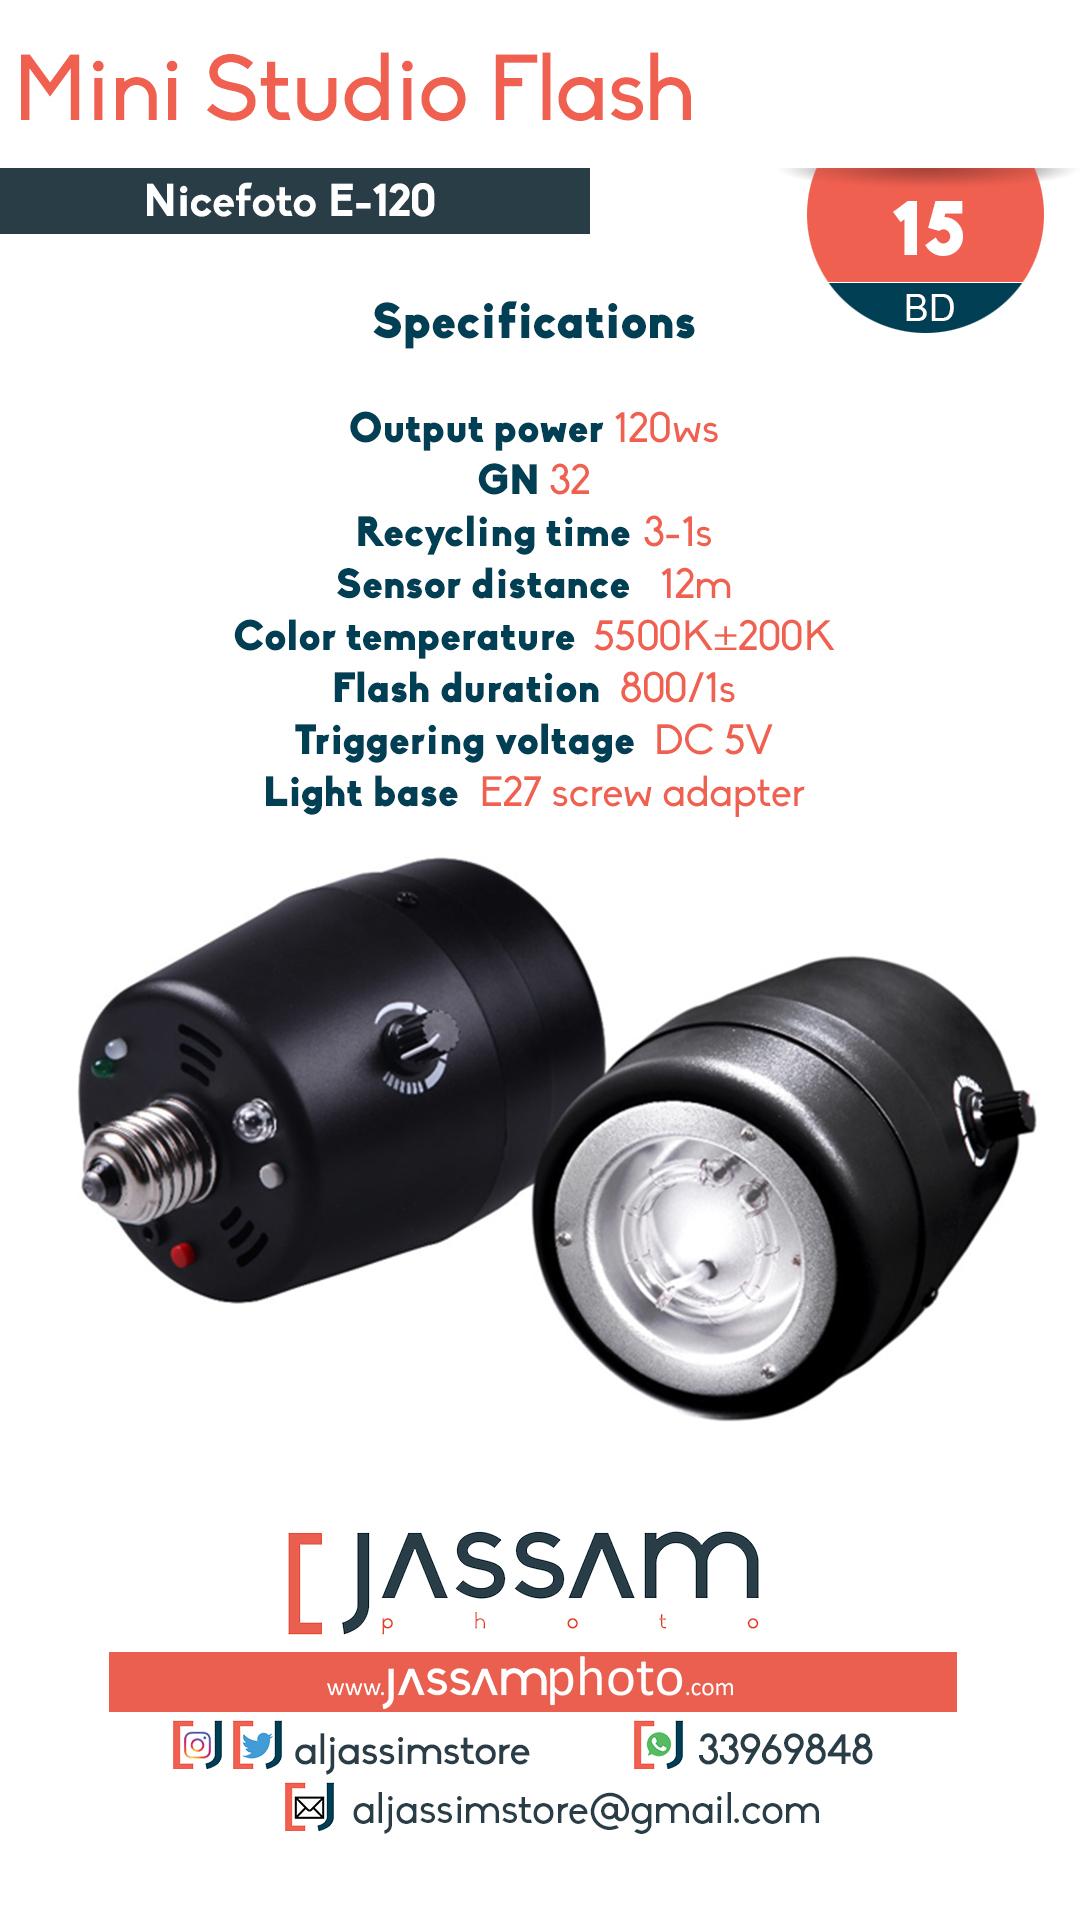 Mini Flash E-120